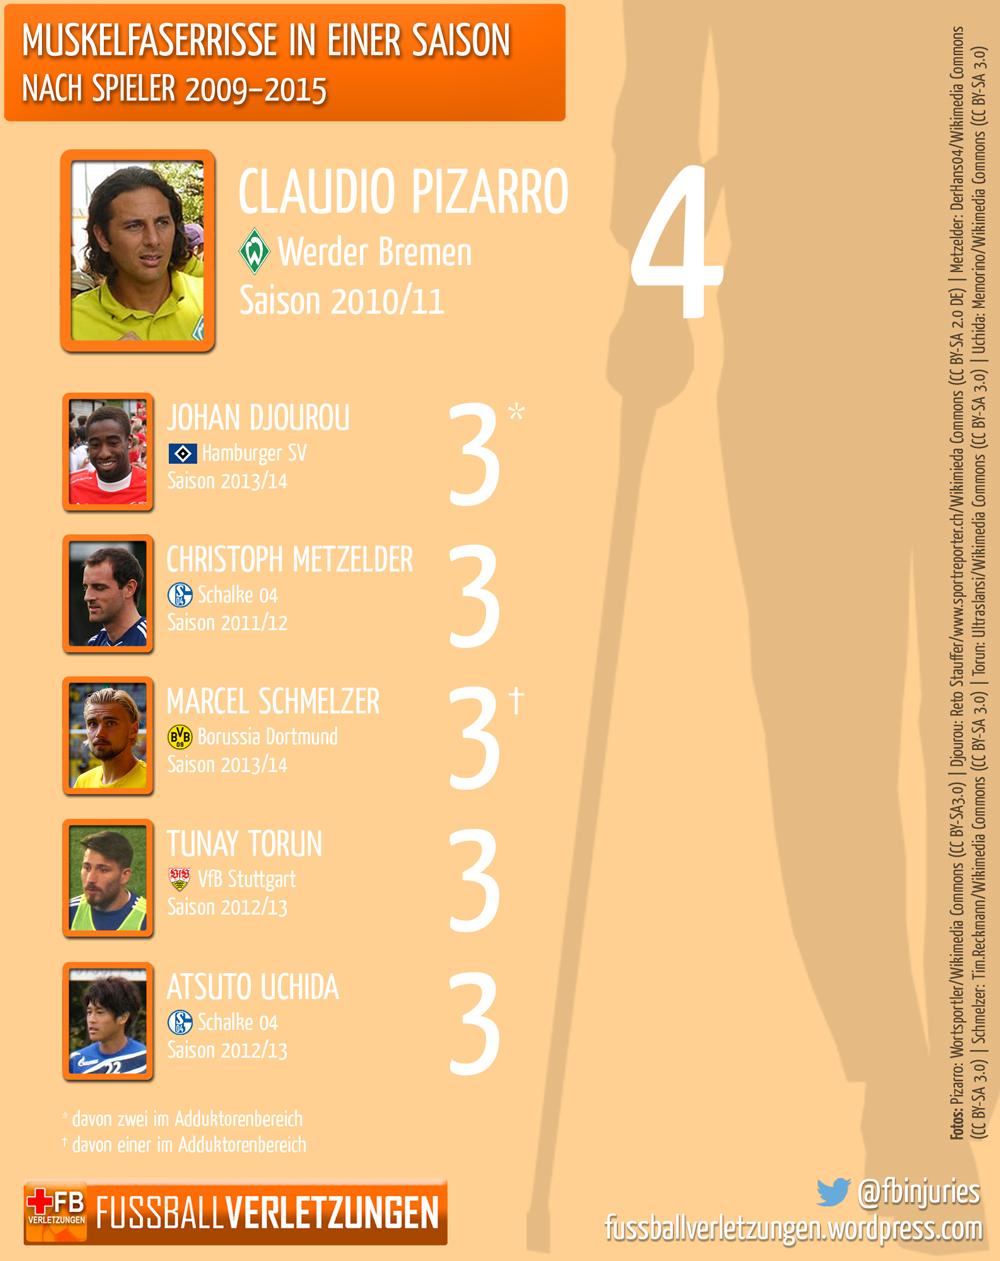 Grafik: Muskelfaserrisse in einer Saison. Keiner hat mehr als Pizarro 2010/11: 4.